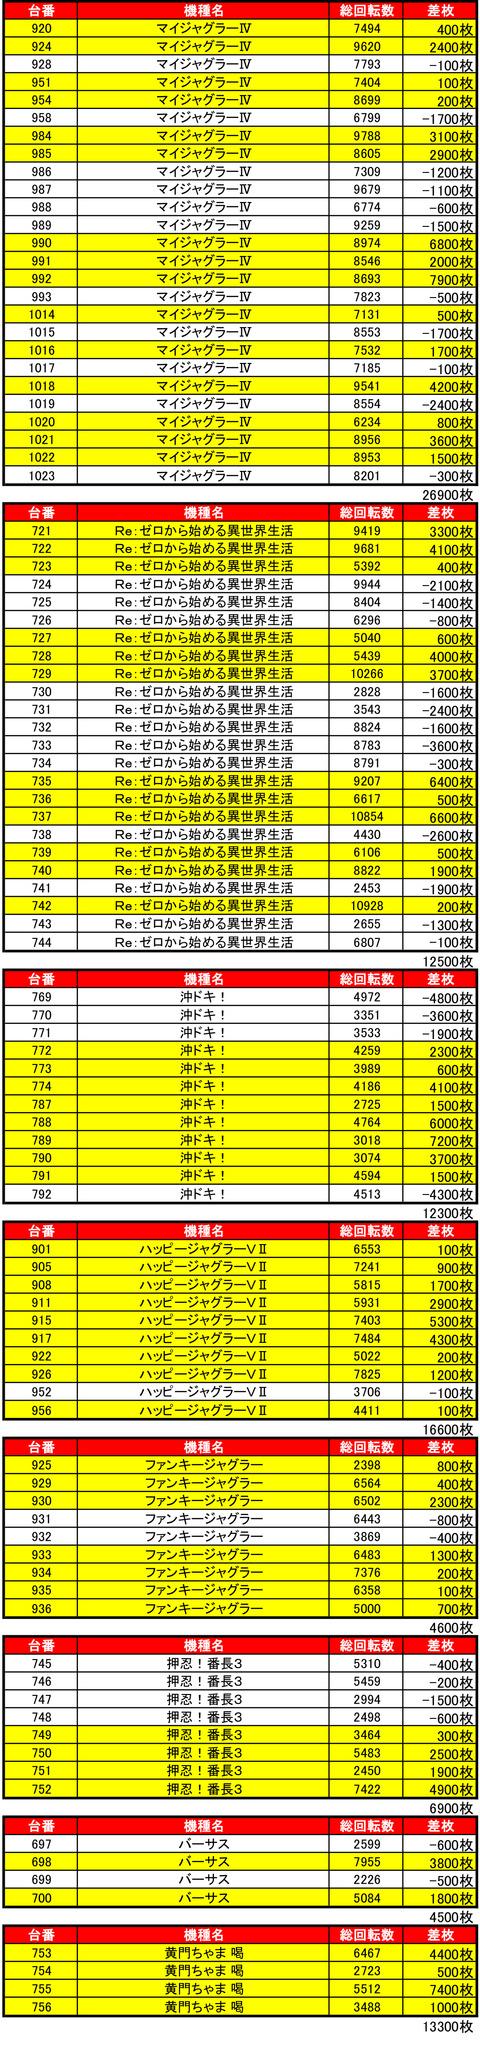 ひまわりタワー0820機種